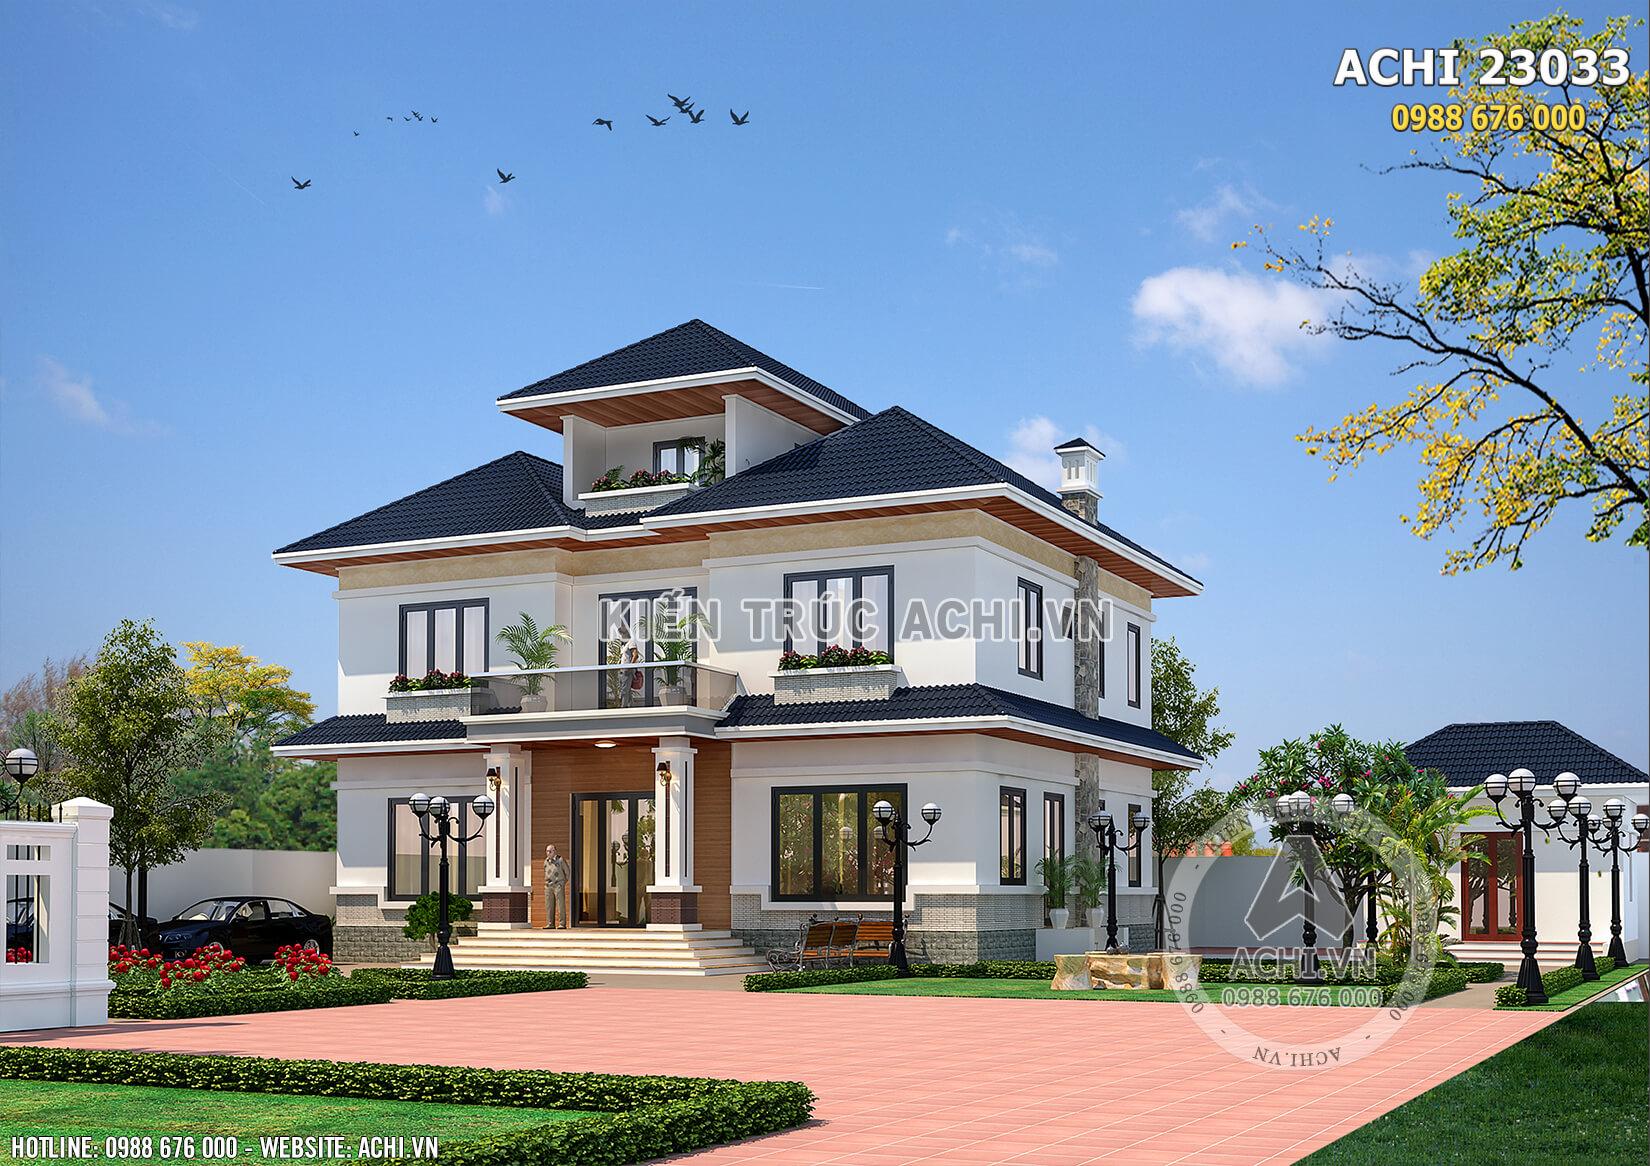 Mẫu nhà 2.5 tầng đẹp với ngoại thất hiện đại, nội thất sang trọng tiện nghi tạo nên một không gian sống lý tưởng cho gia chủ